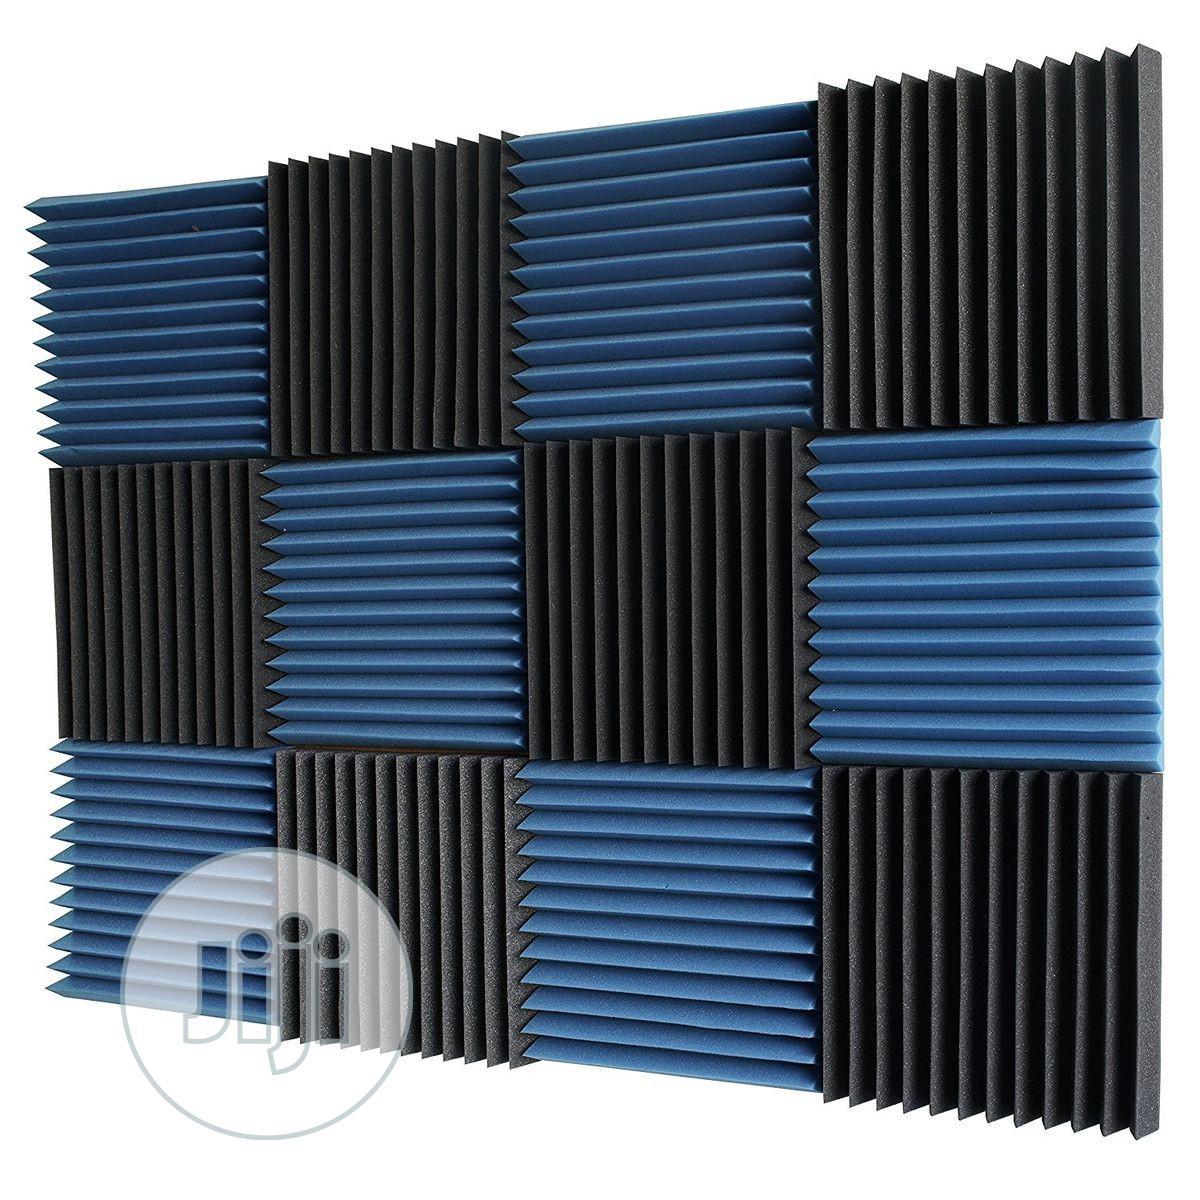 Archive: 12pcs Of 30cm X 30cm X 3cm Acoustic Foams (Black, Blue, Red)